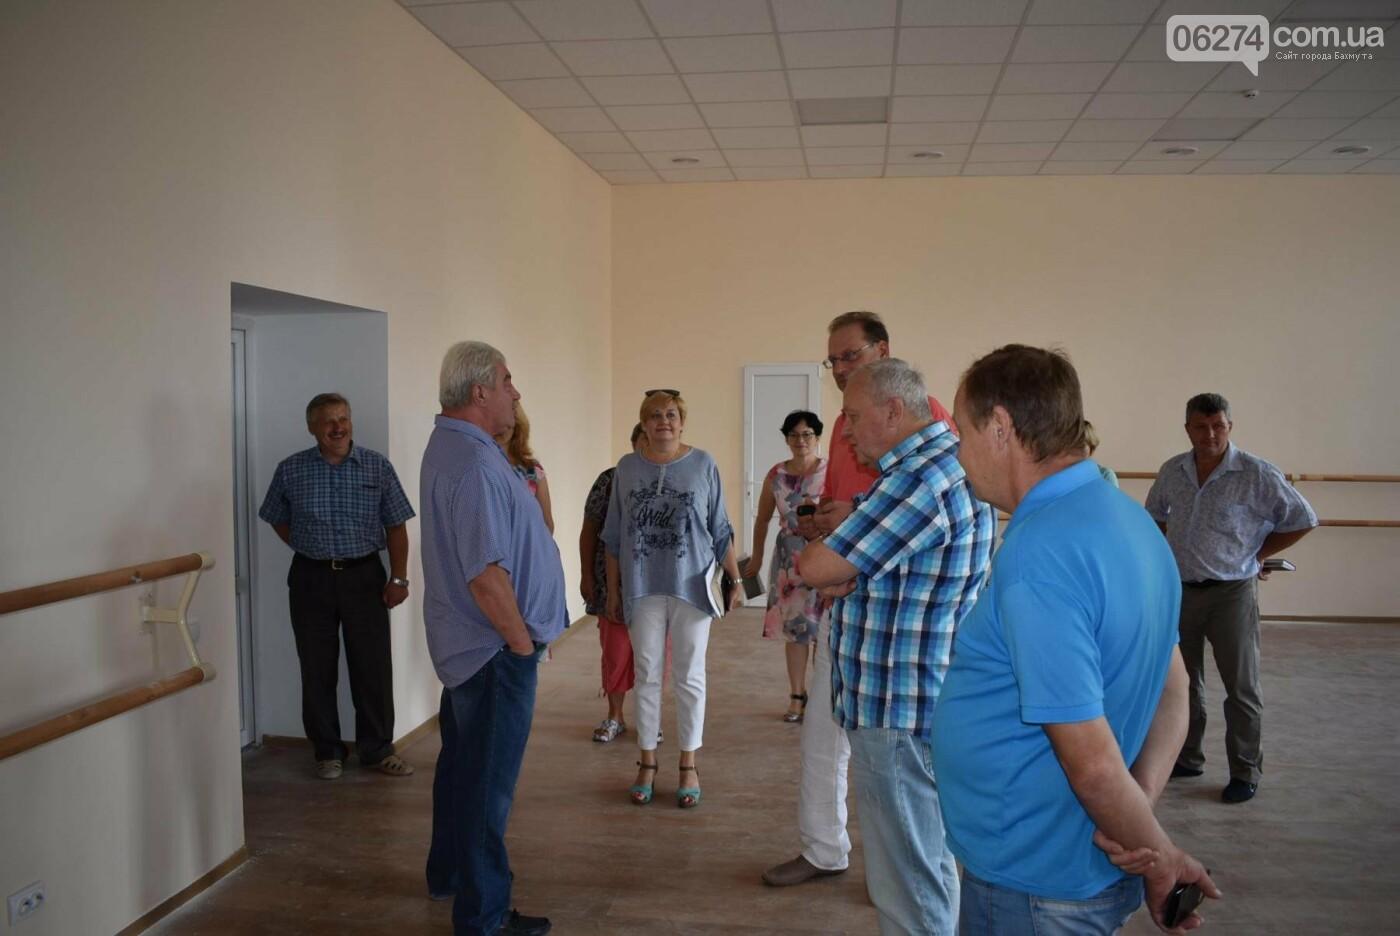 В Бахмуте продолжается реконструкция корпуса колледжа искусств имени Ивана Карабица, фото-6